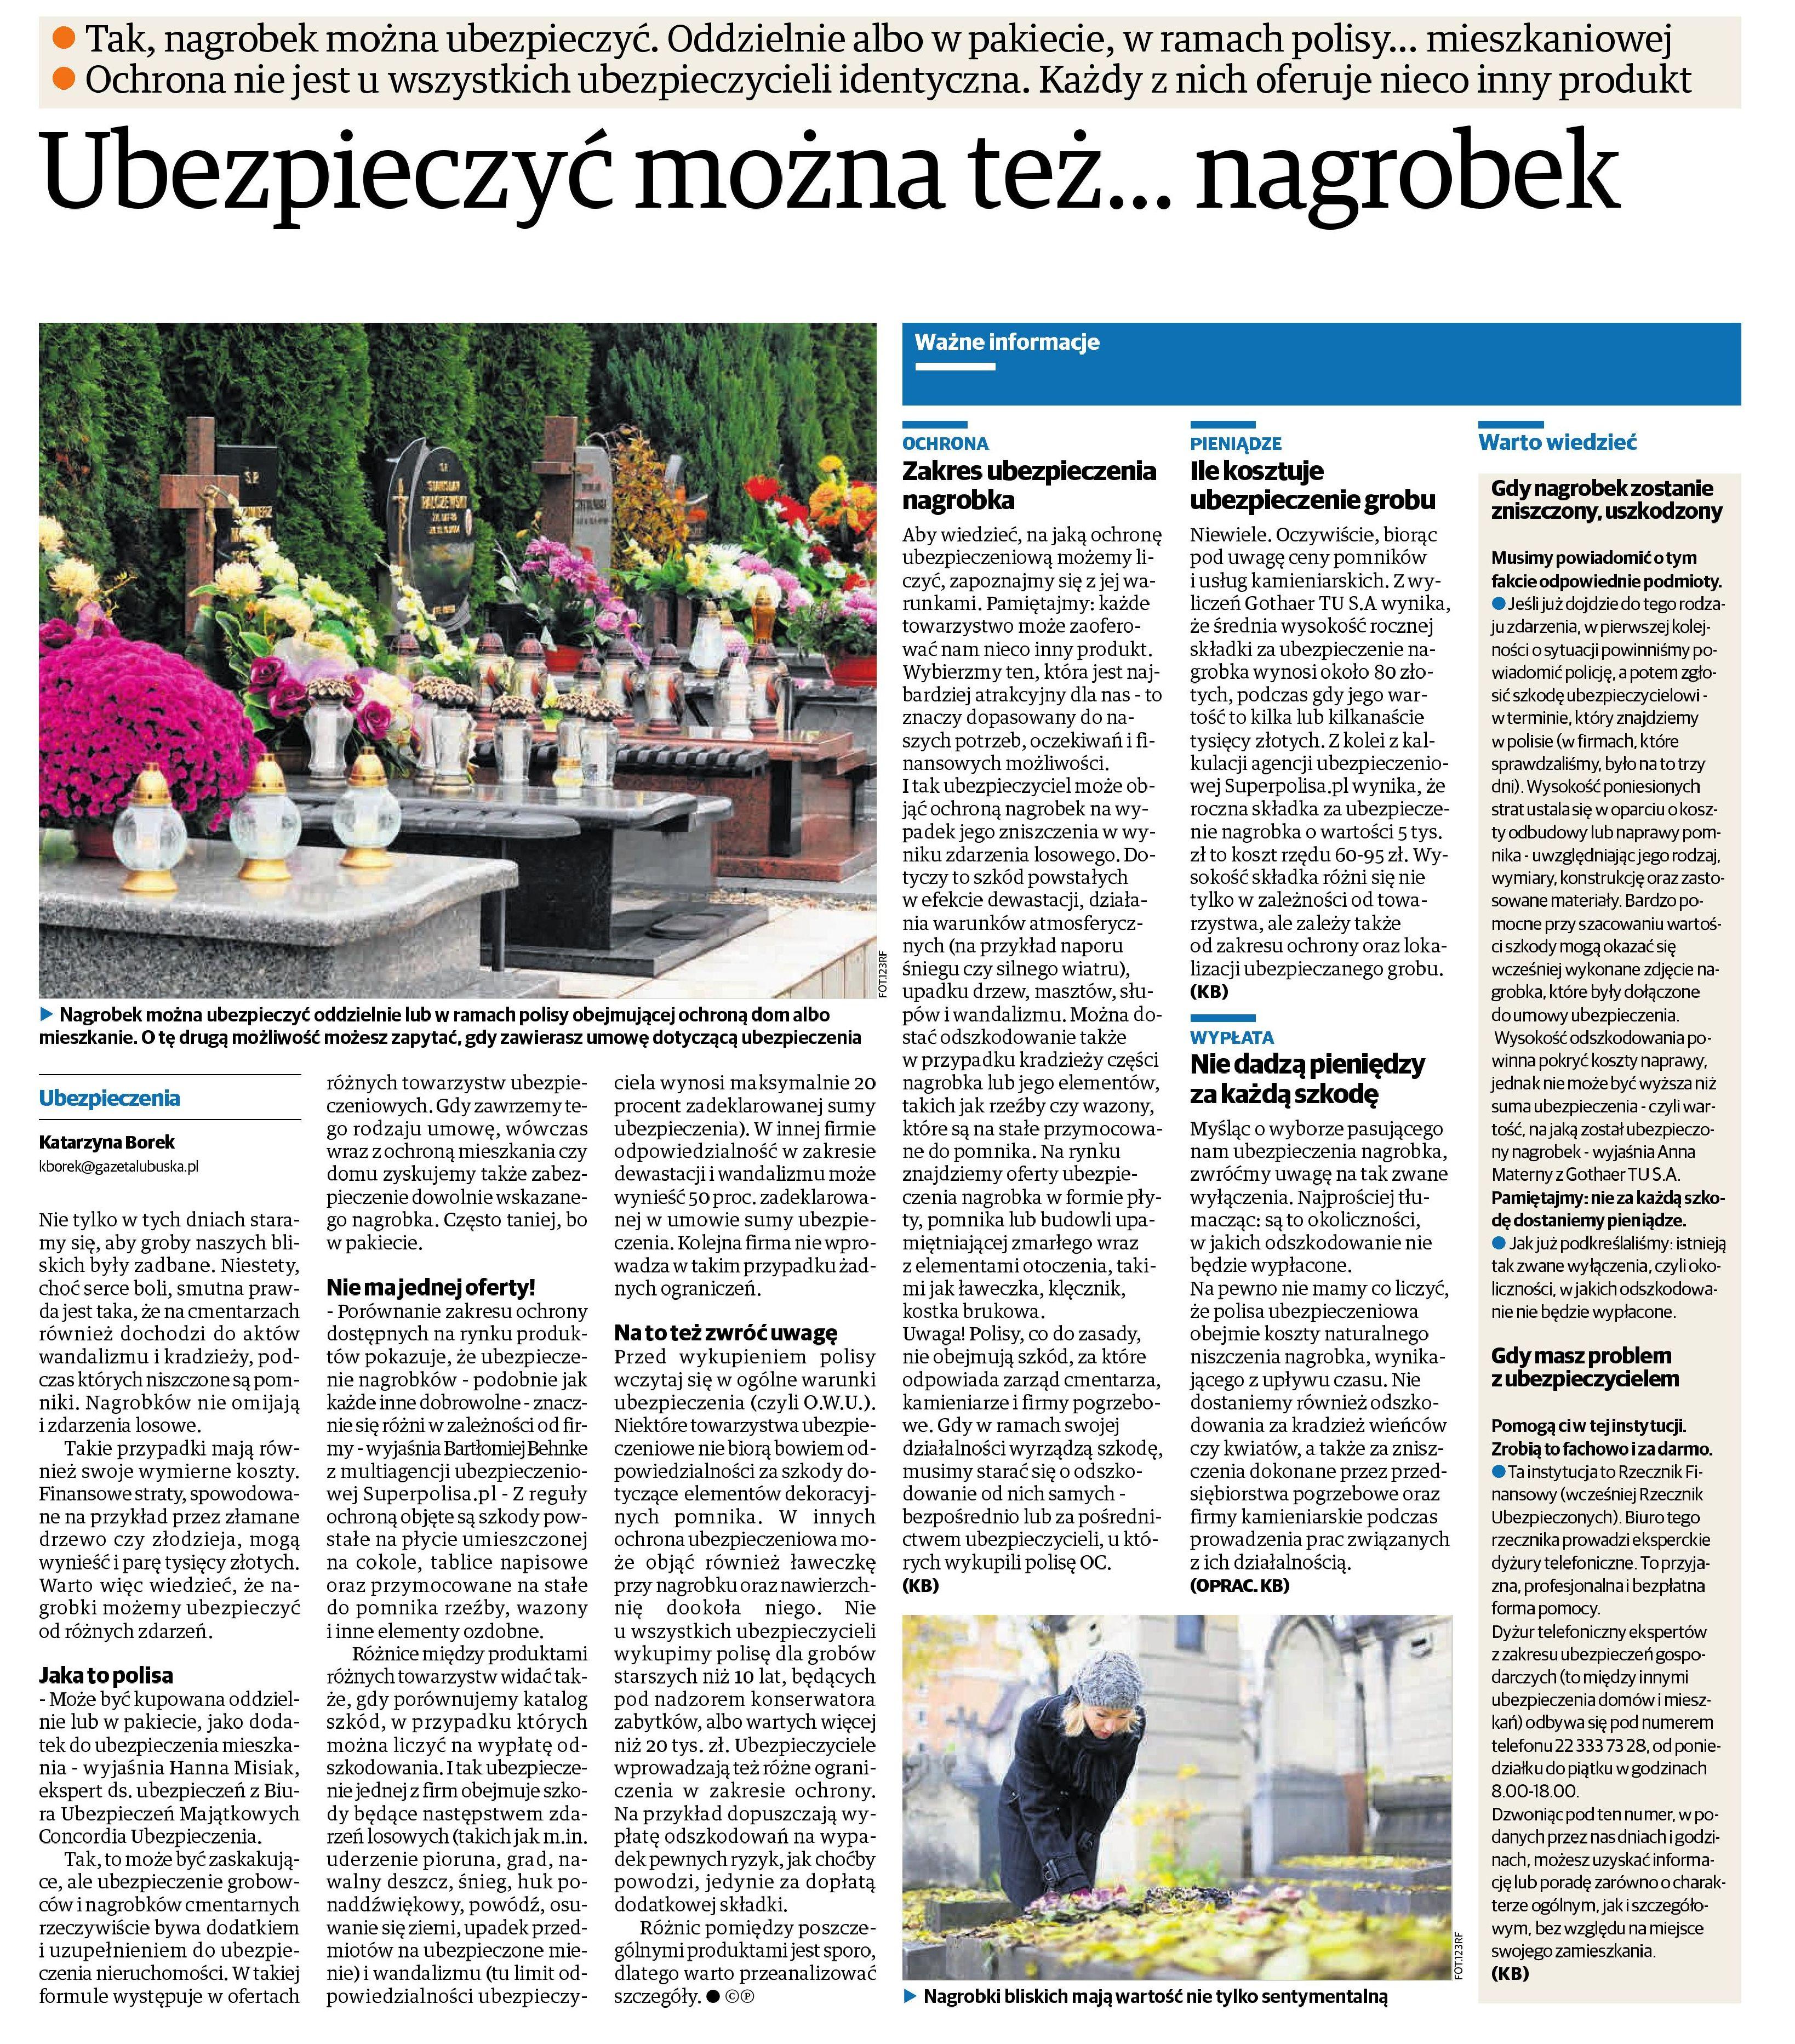 Ubezpieczyć można też…nagrobek – Dziennik grupy Polska Presse